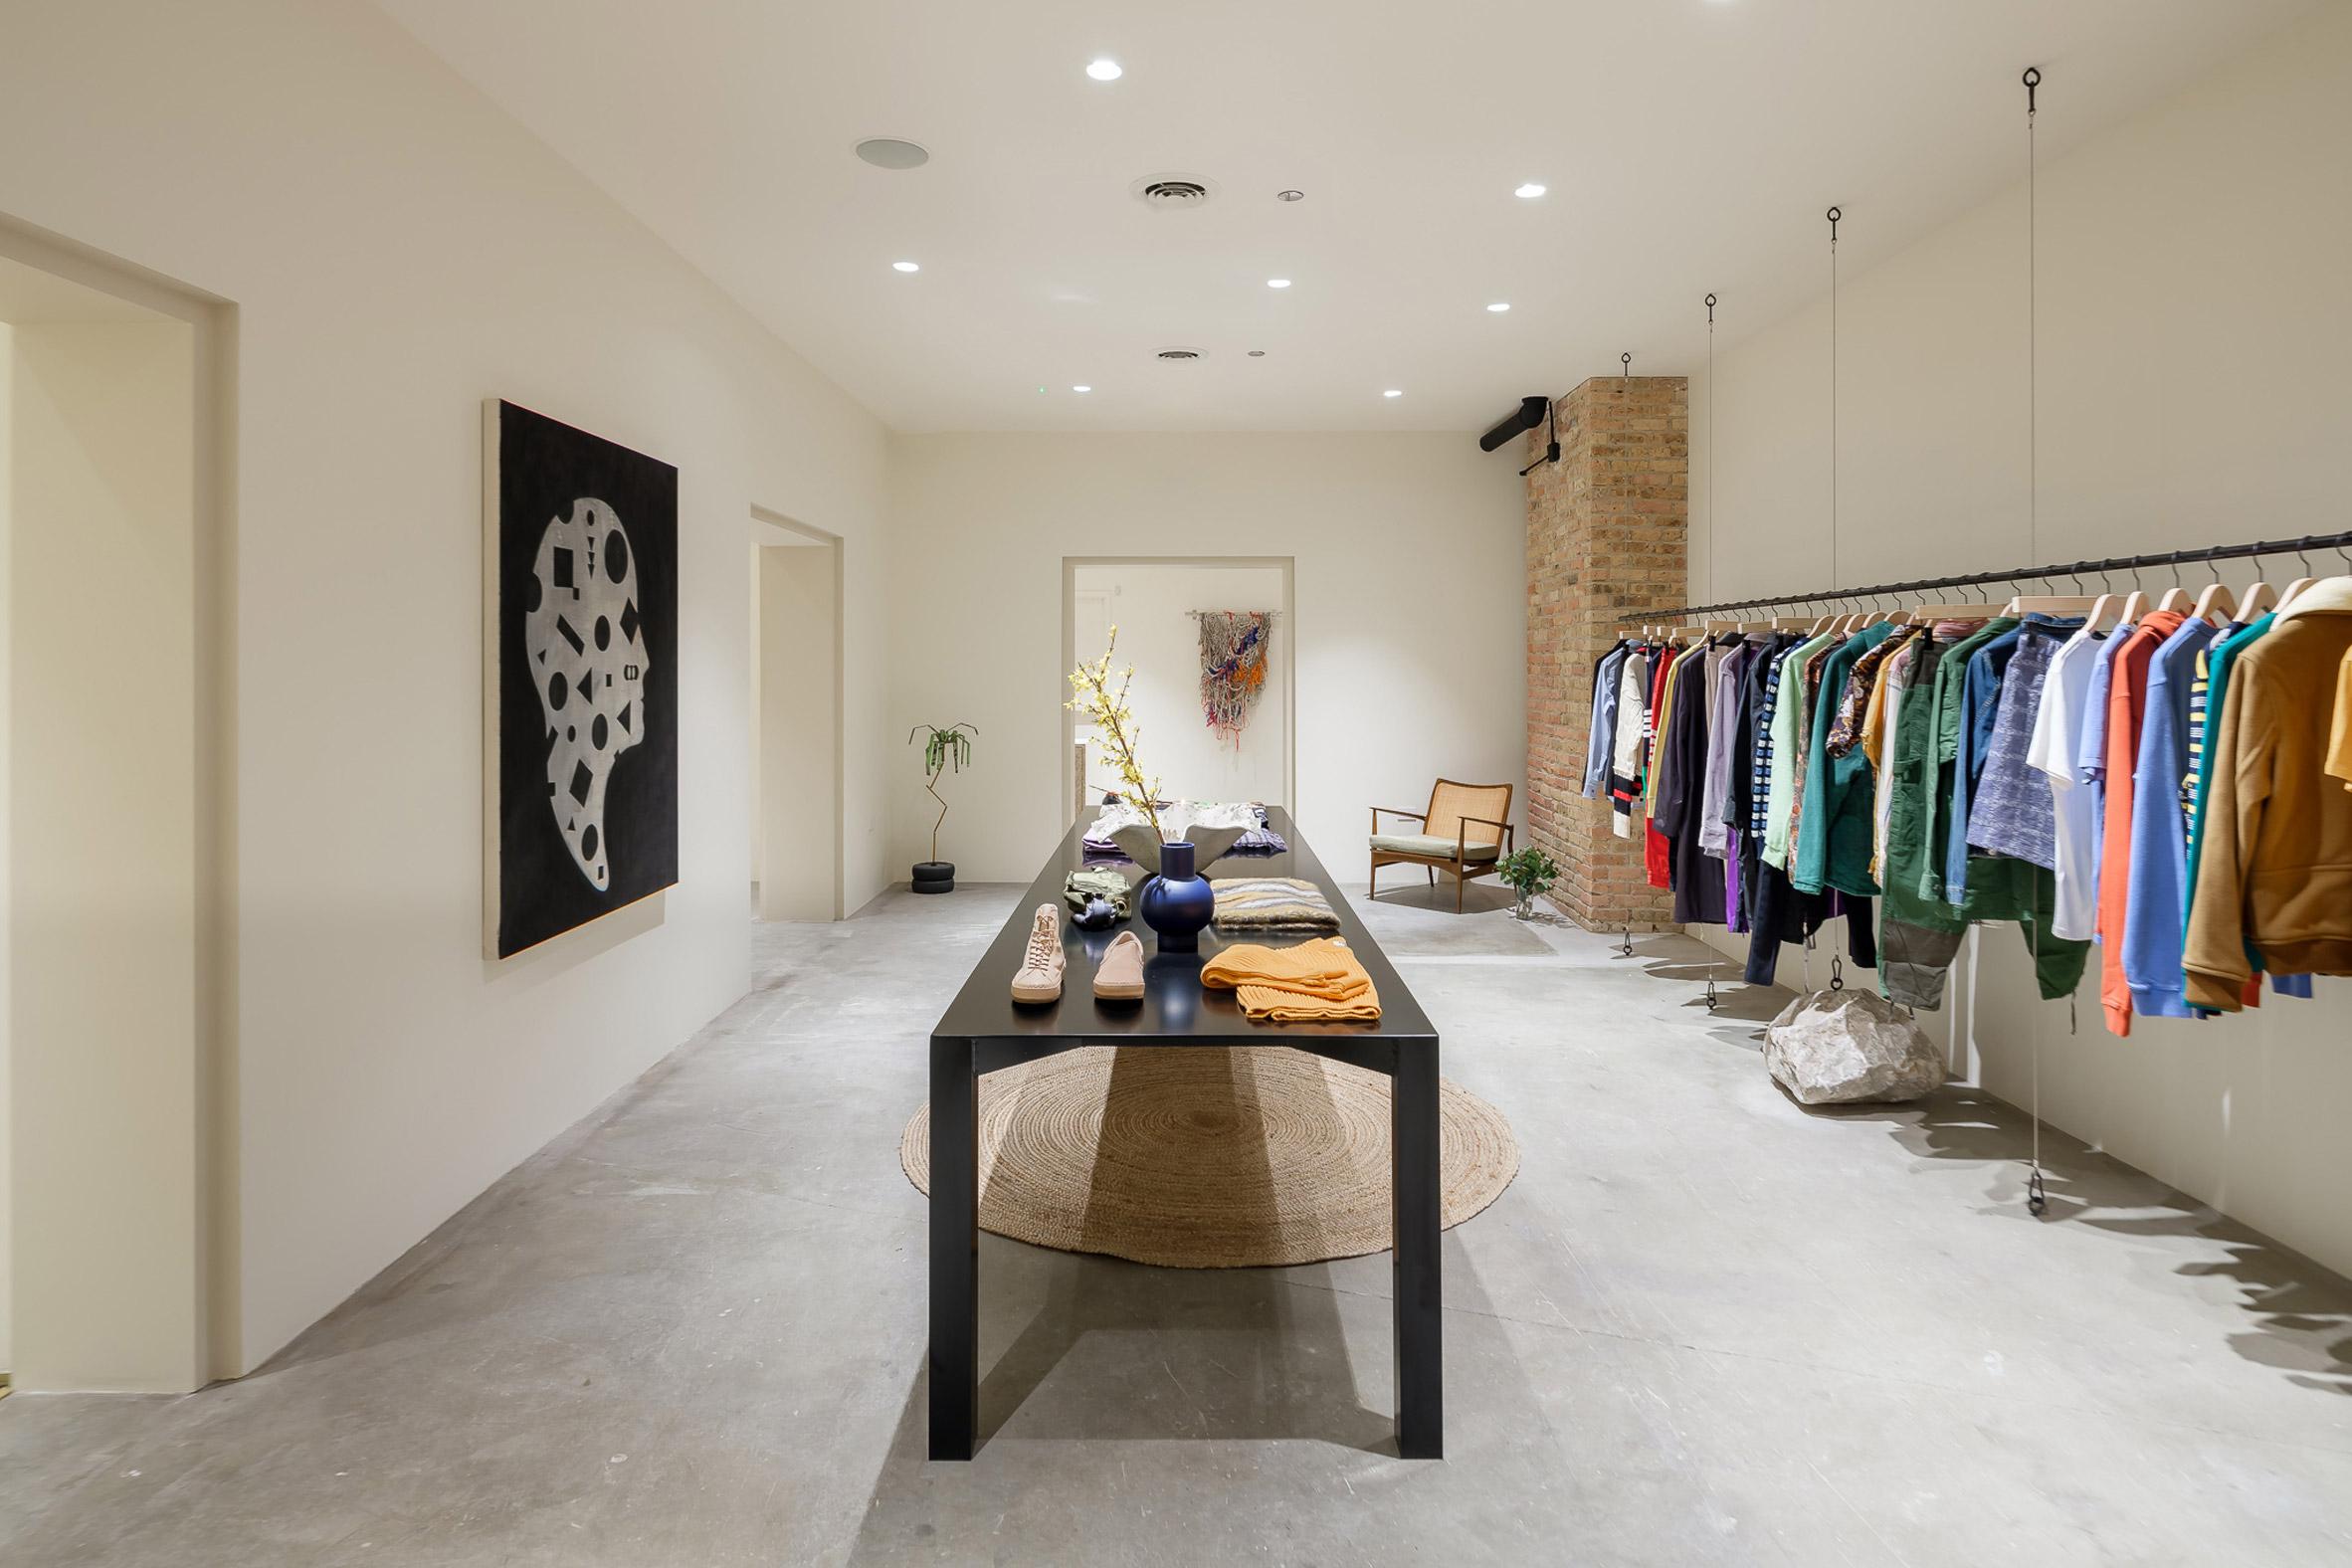 Notre interior renovation by Norman Kelley